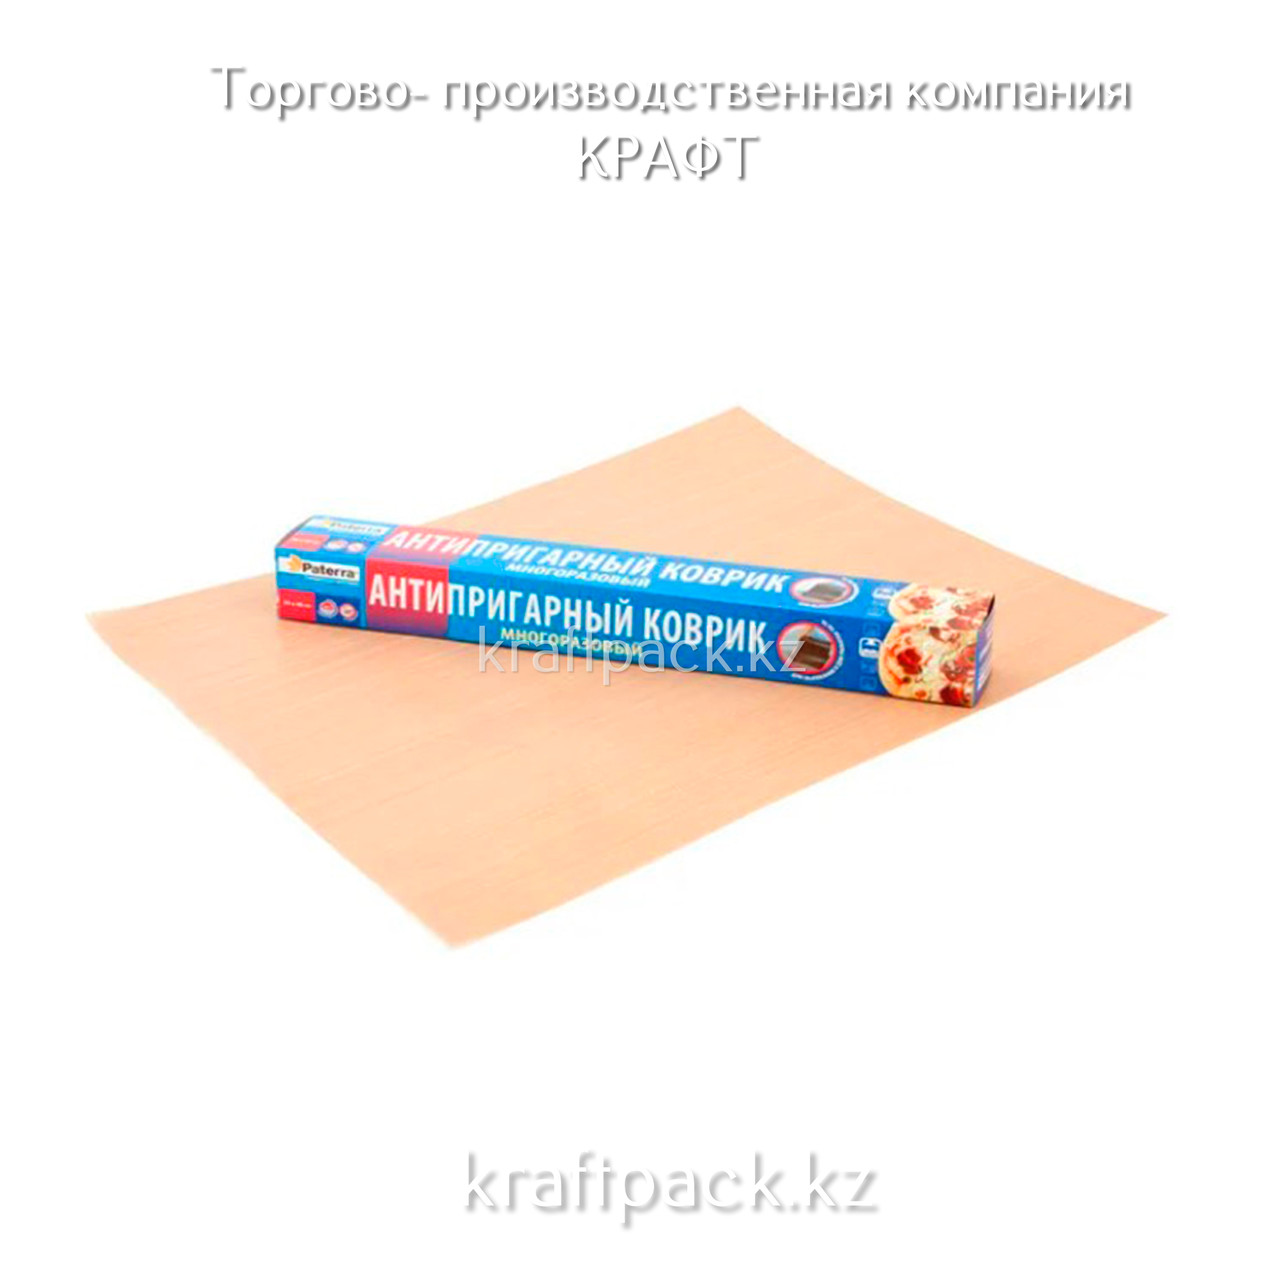 Антипригарный коврик (тефлоновый) 330мм*400мм (1шт/уп)